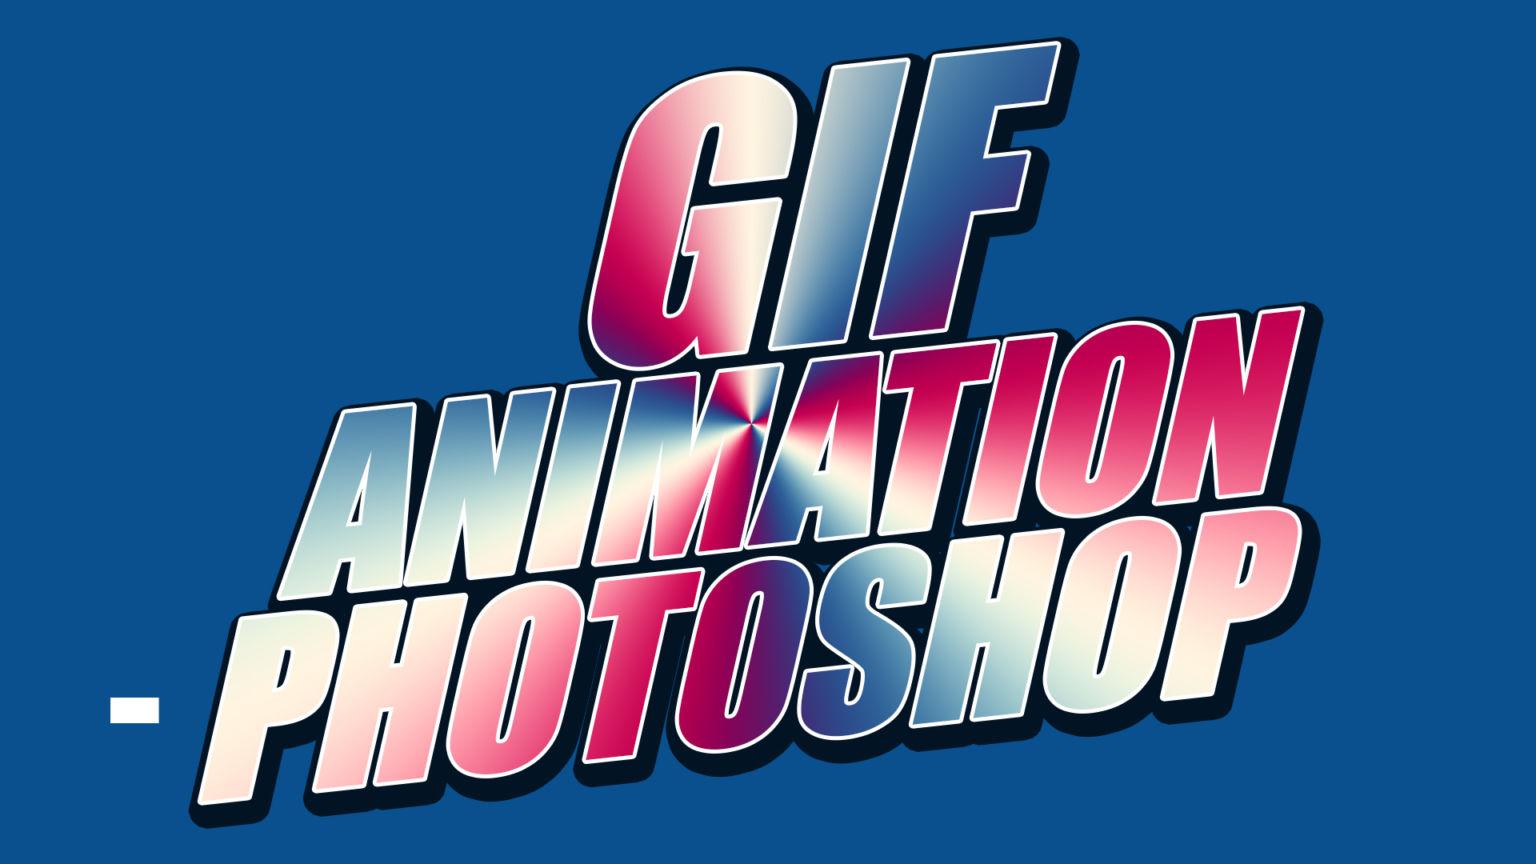 ফটোশপ দিয়ে গিফ অ্যানিমেশন তৈরি !! How to Make a GIF Animation Using Photoshop !!